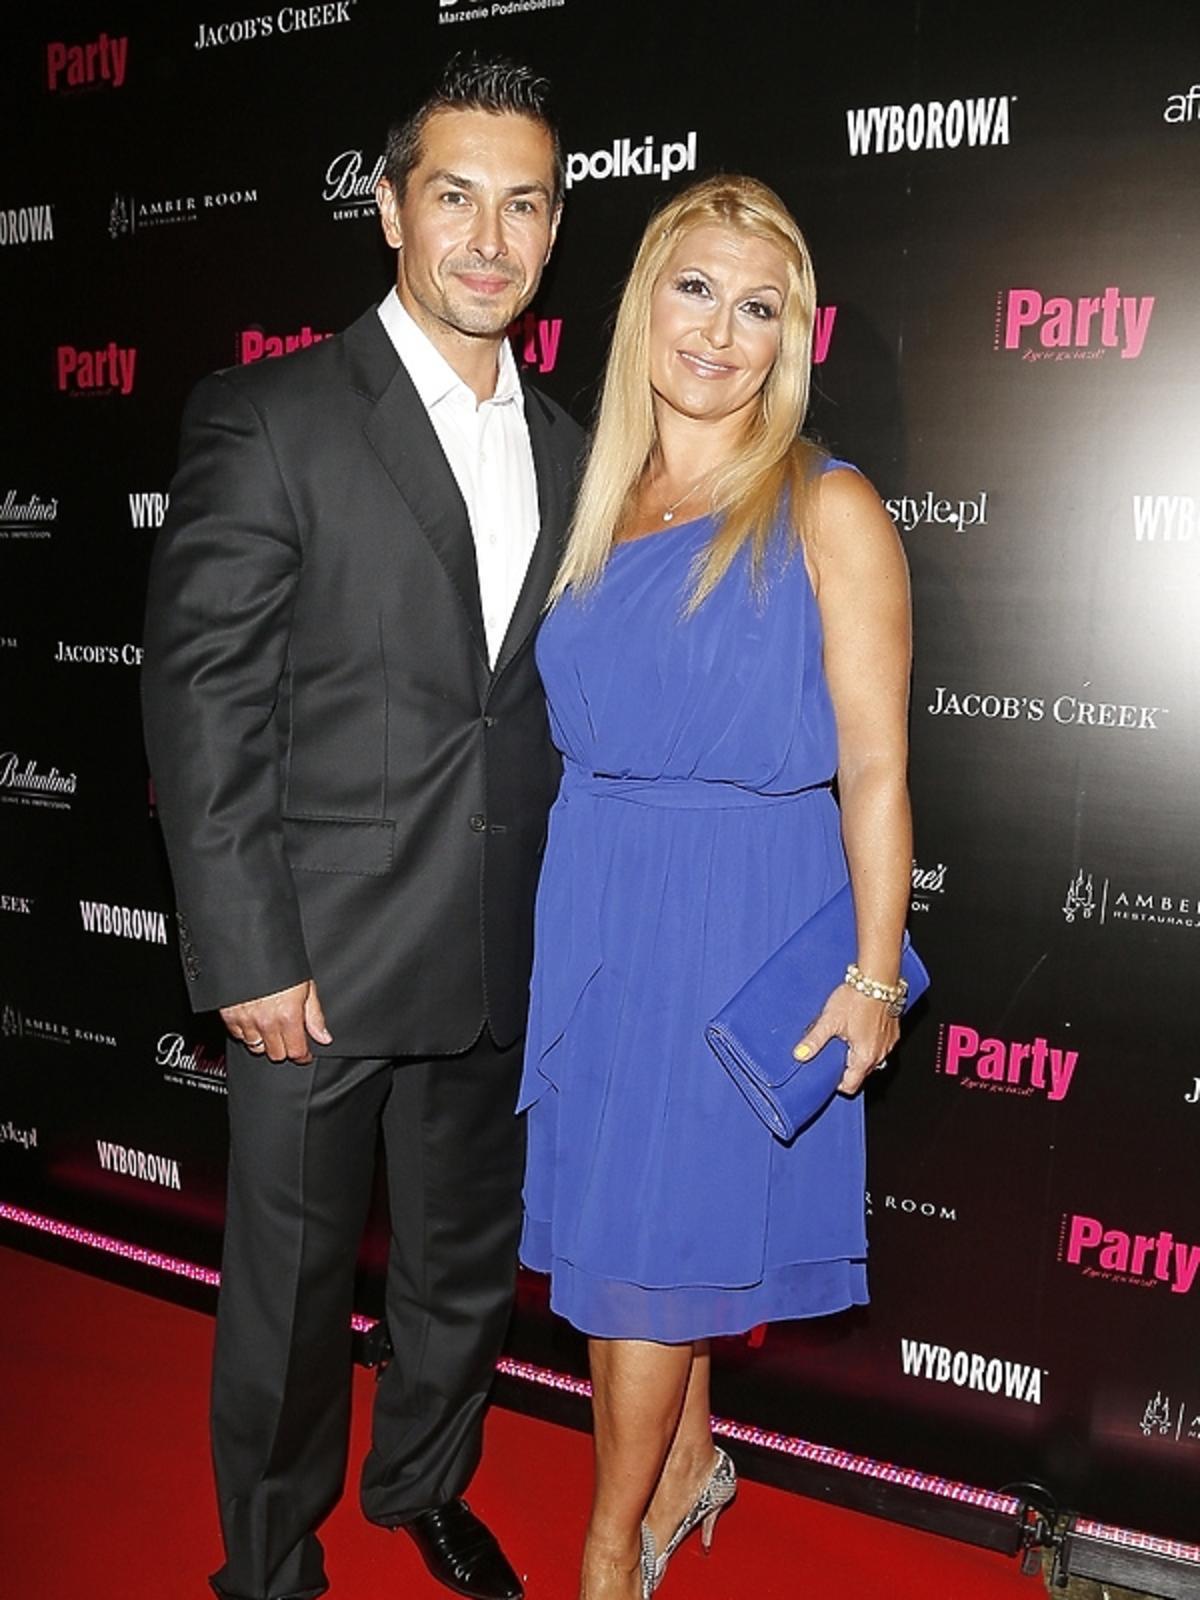 Katarzyna Skrzynecka i Marcin Łopucki na 7. urodzinach Party